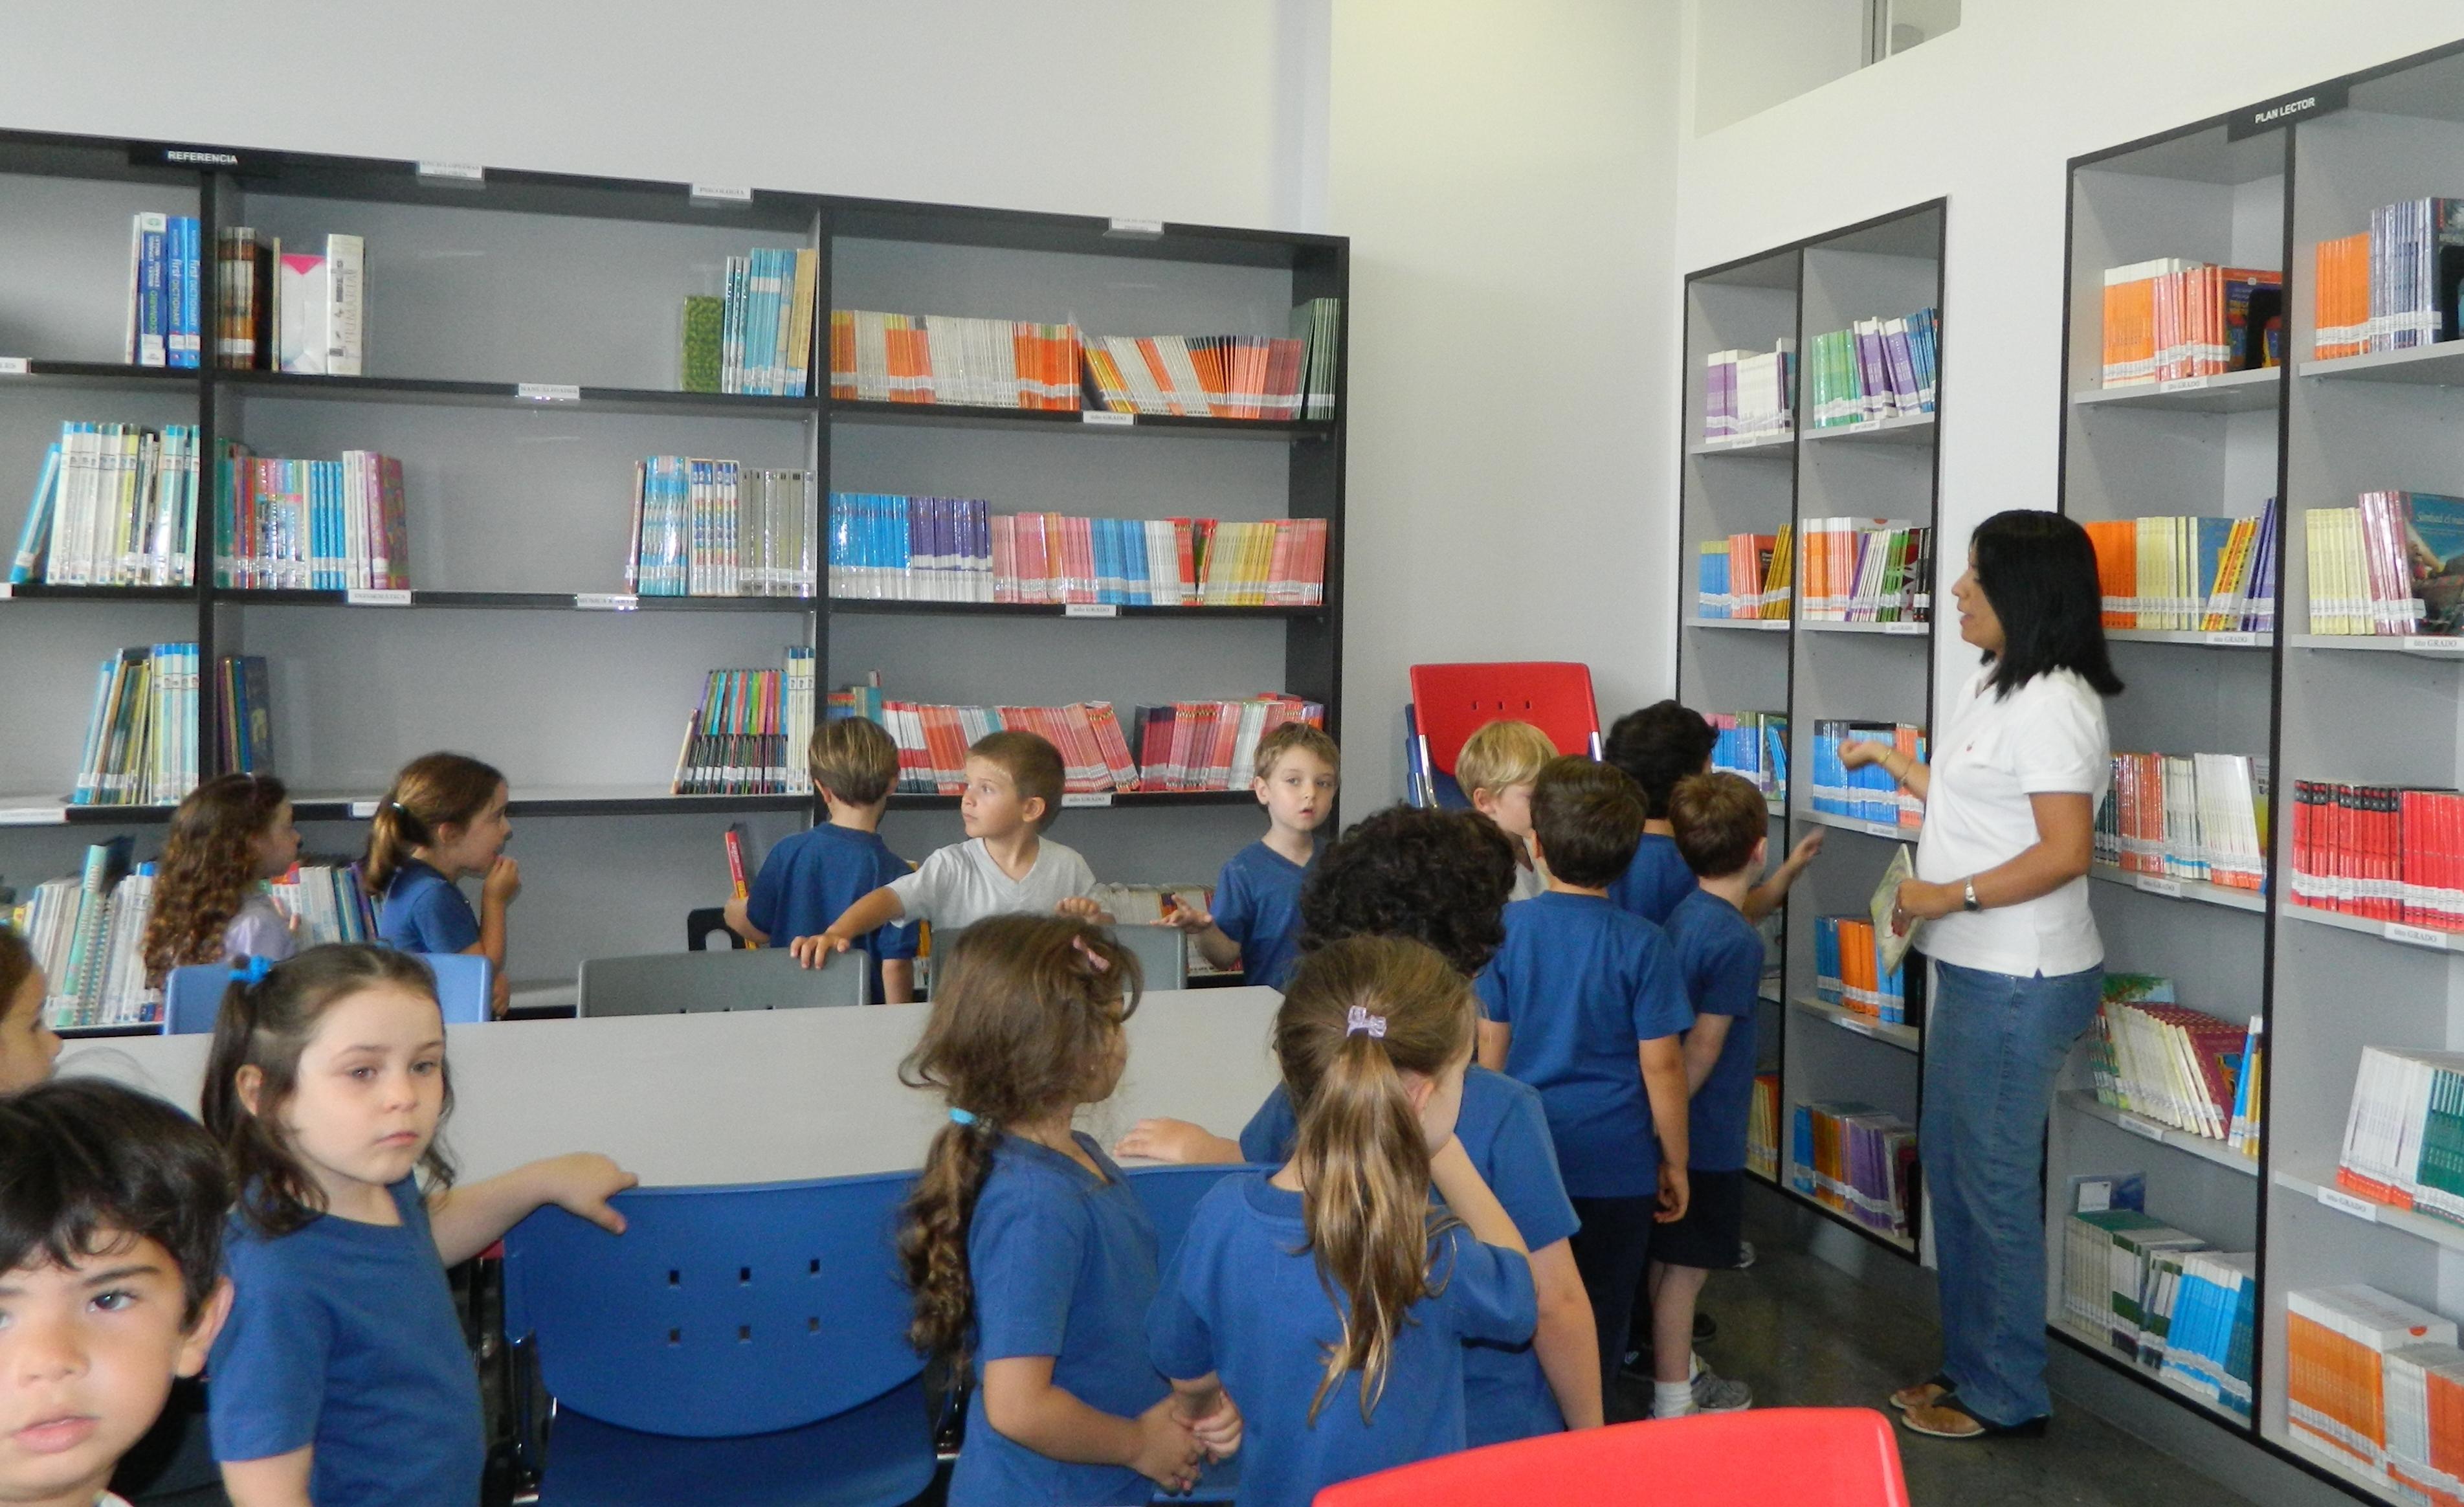 Biblioteca y Centro de Recursos Educativos Martin Buber